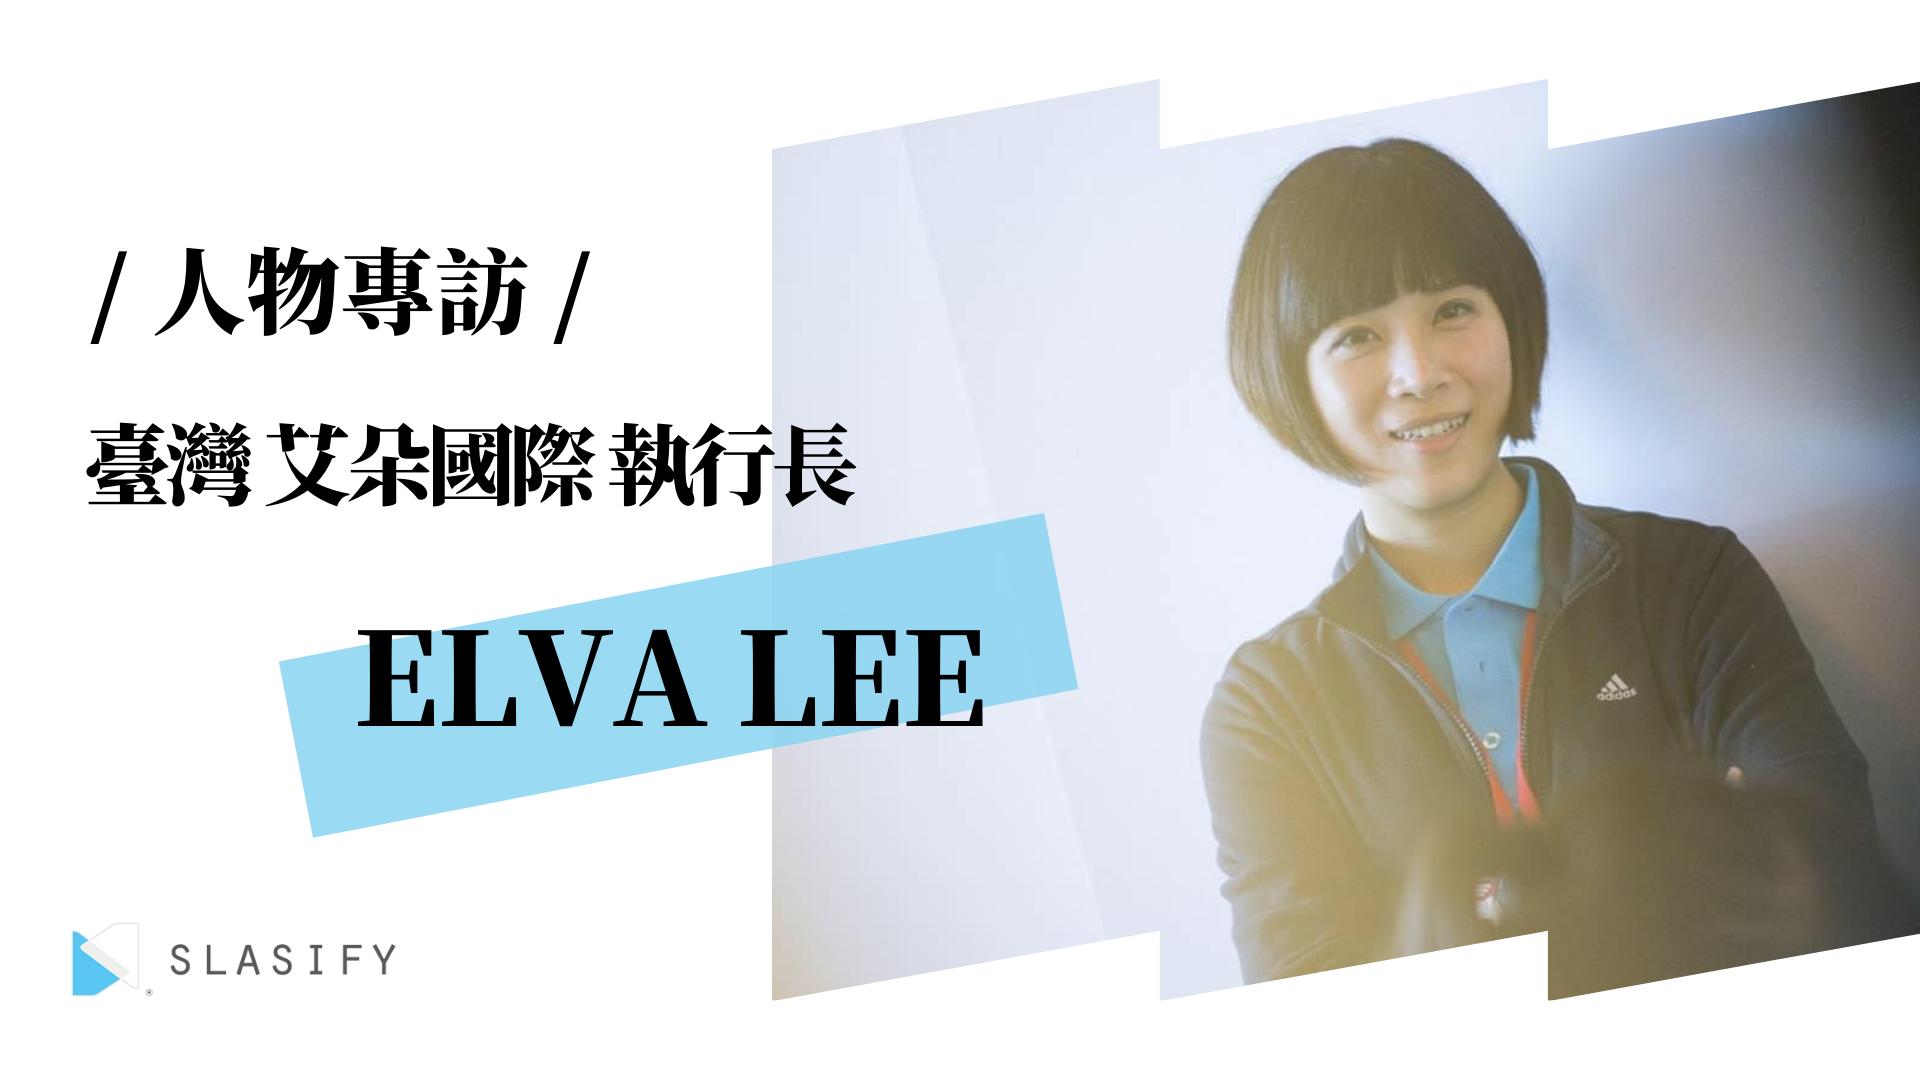 人物專訪|臺灣 艾朵國際執行長 Elva Lee 視運動為摯愛 用遠距工作重新啟發自我